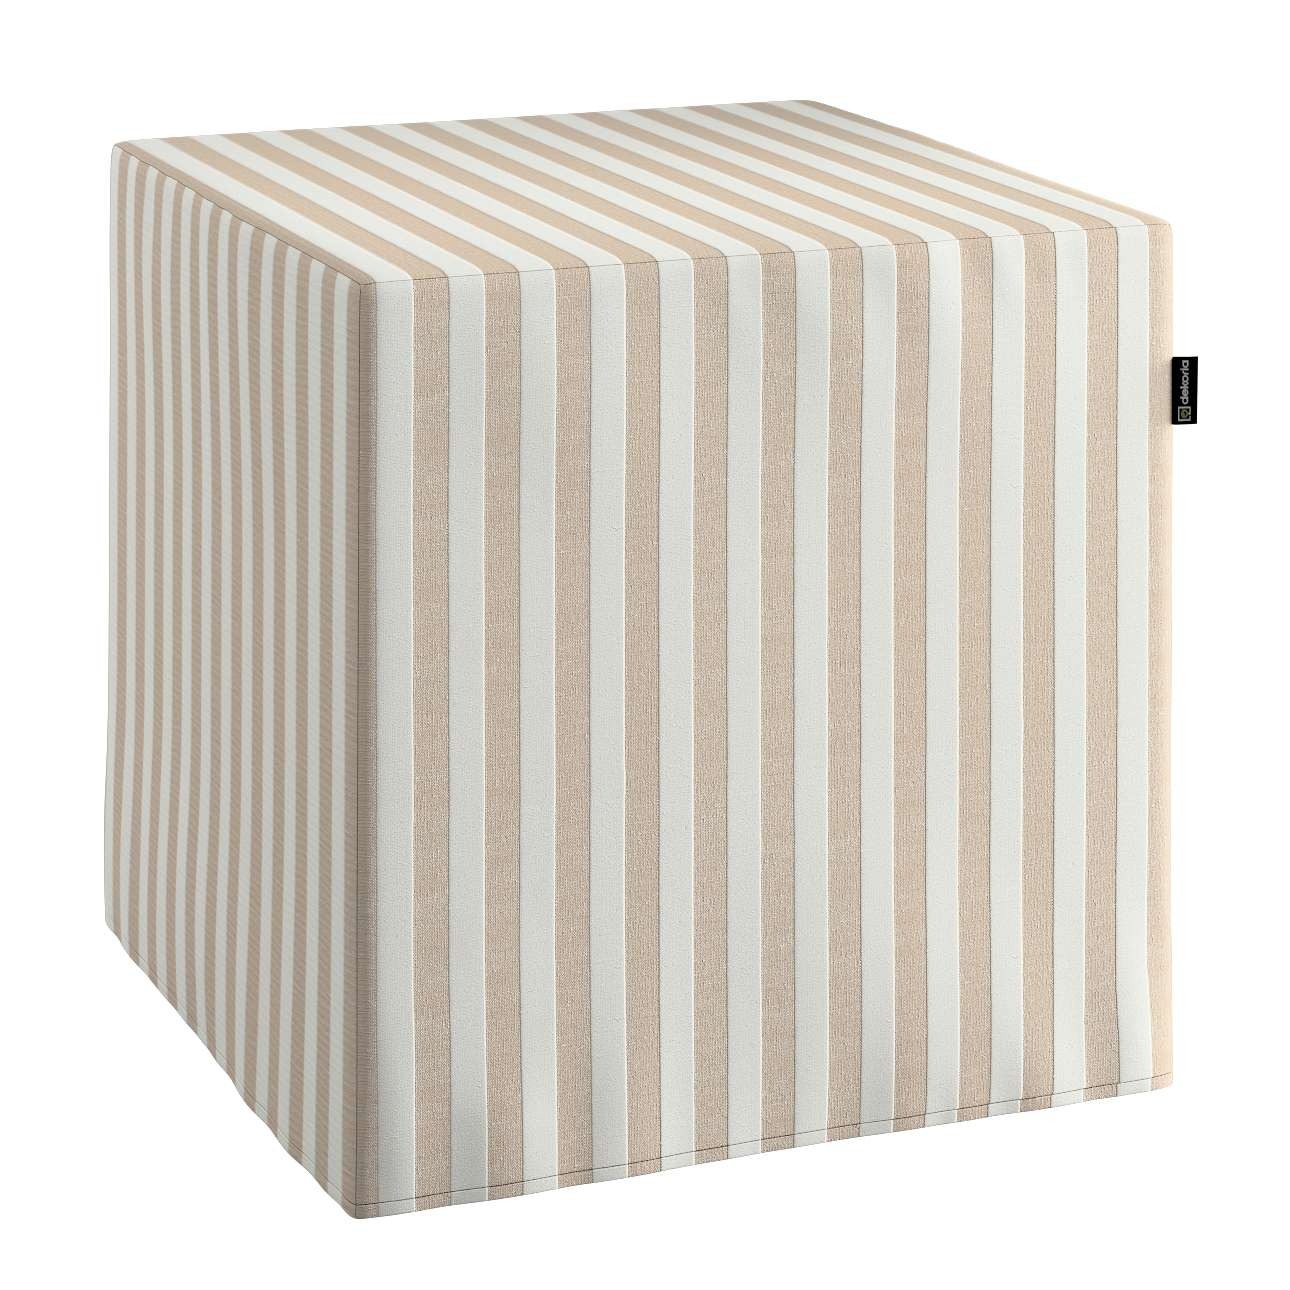 Bezug für Sitzwürfel Bezug für Sitzwürfel 40x40x40 cm von der Kollektion Quadro, Stoff: 136-07